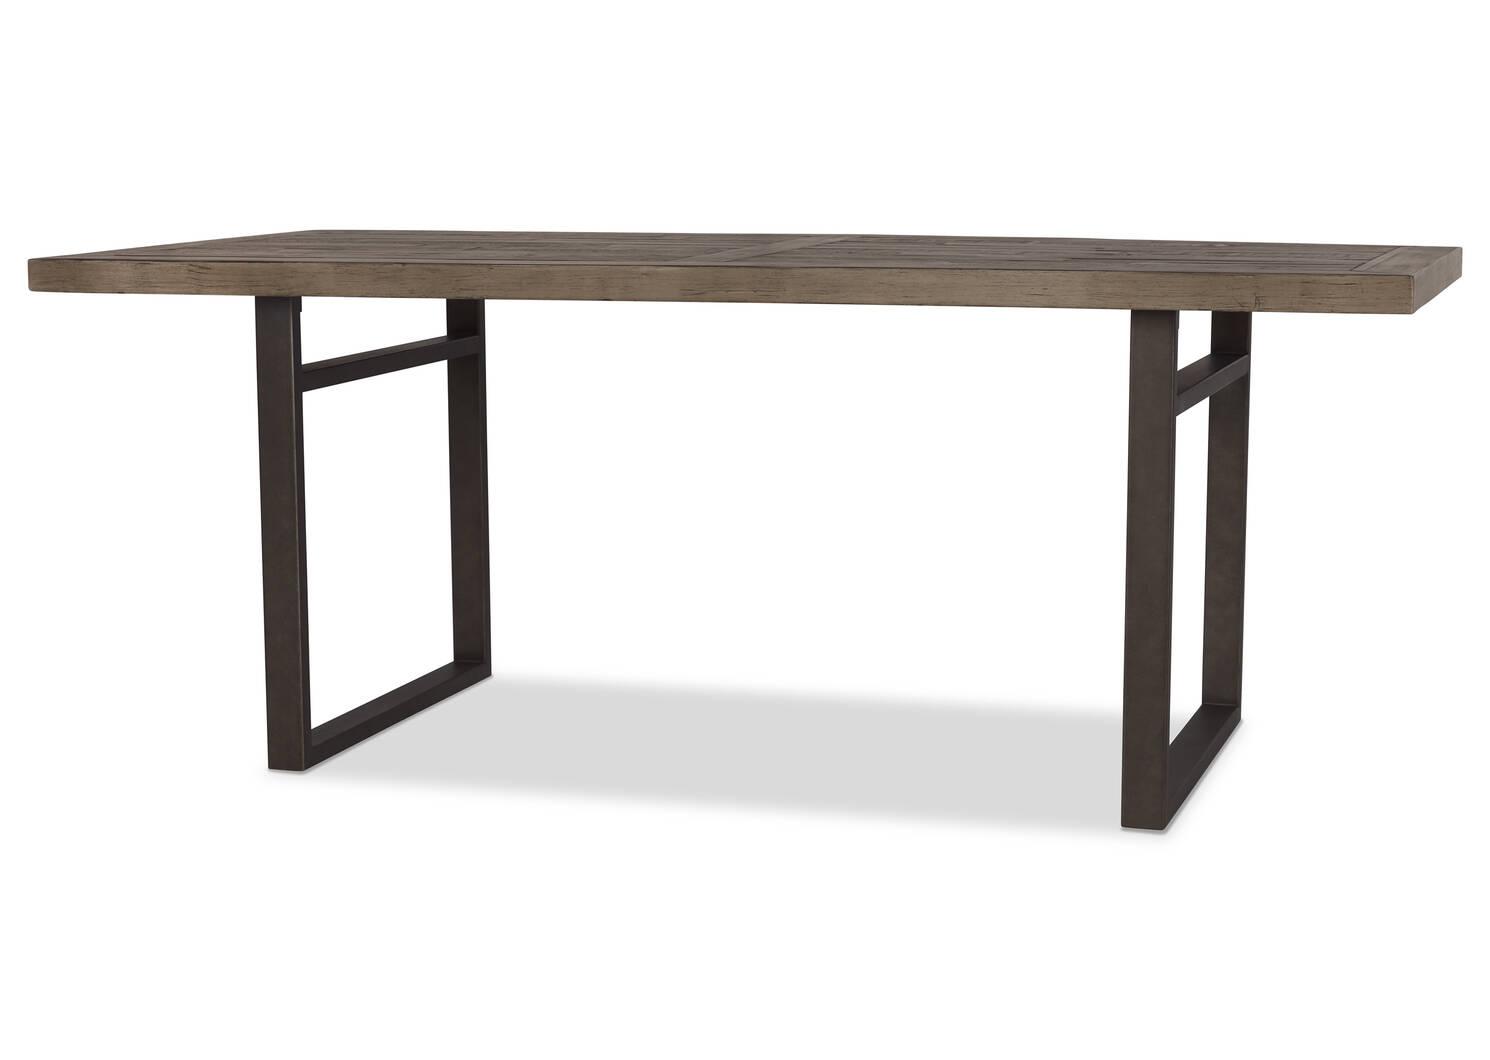 Table Montaro -Coco pin